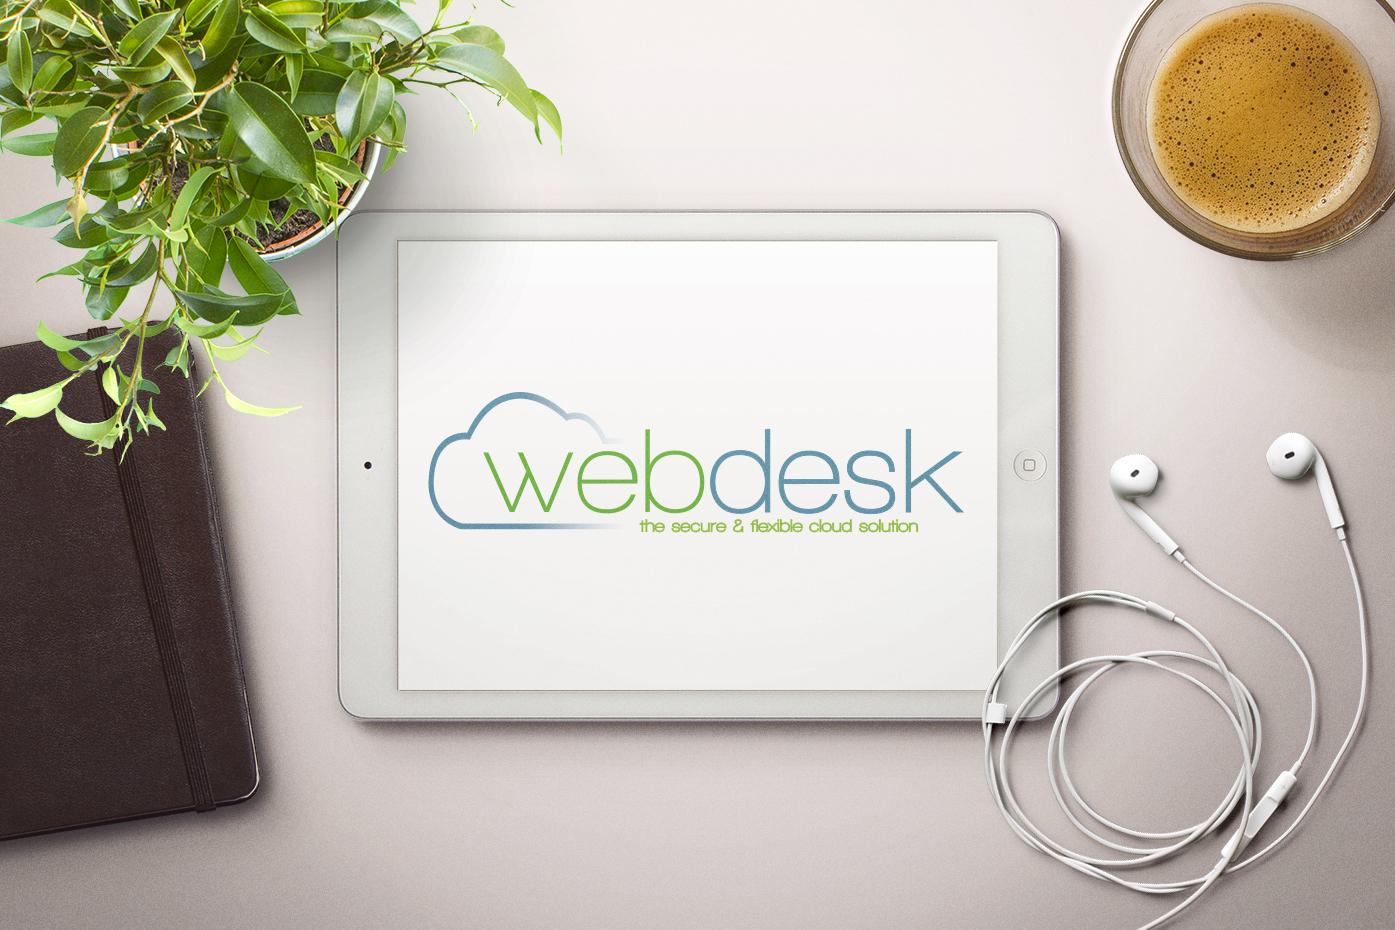 Webdesk.jpg